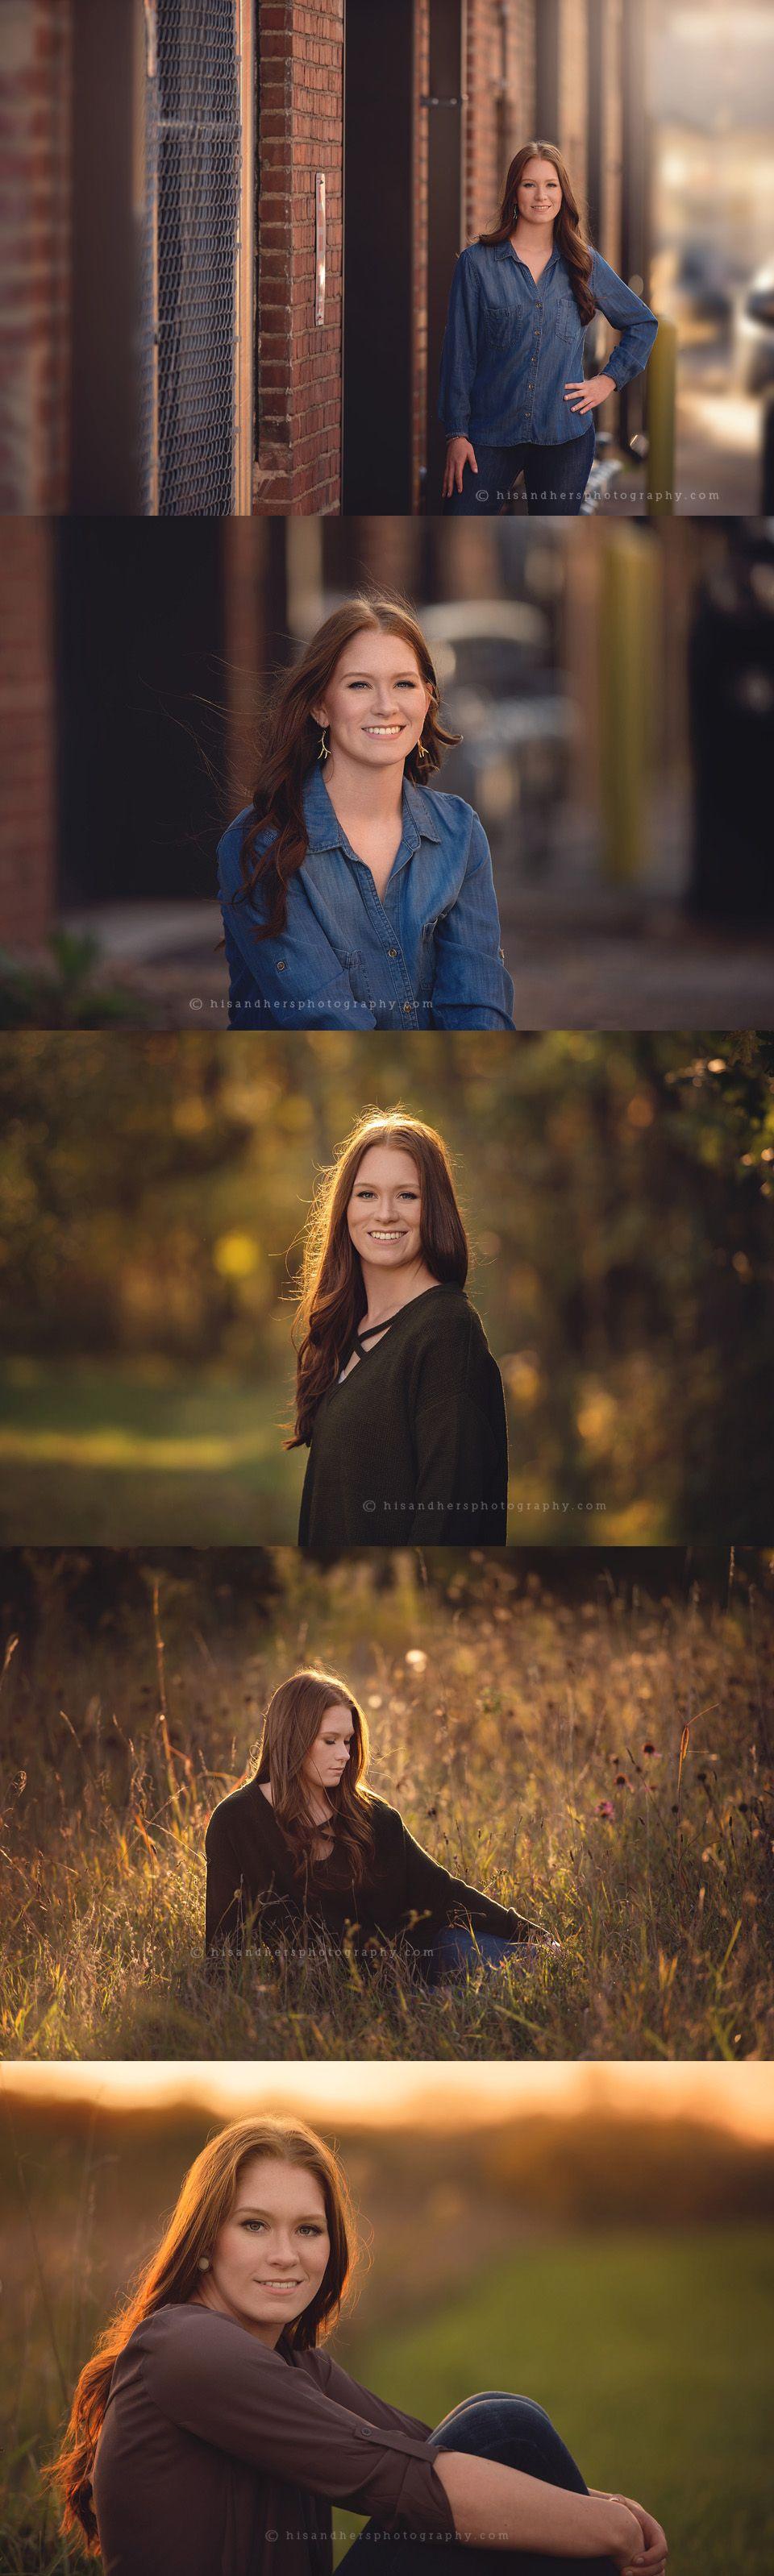 Senior | Personas, Varios y Fotografía